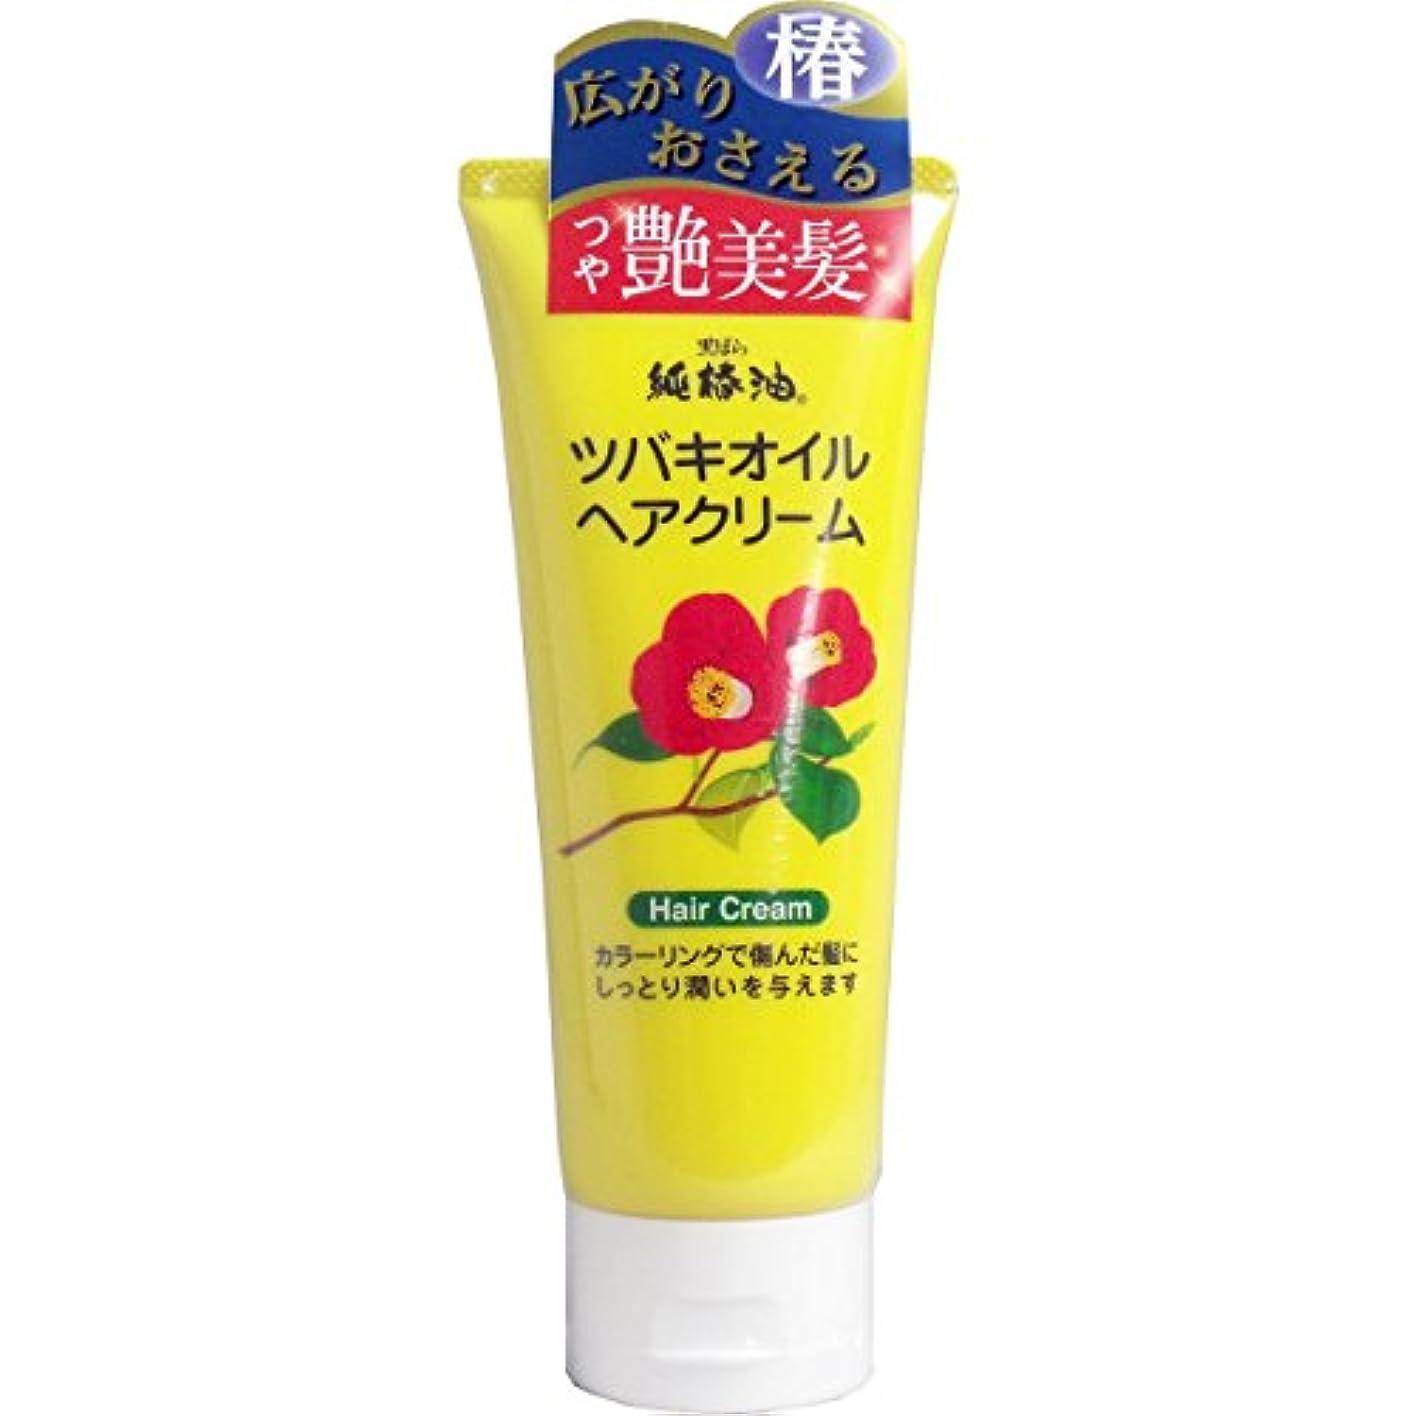 ネコ言及するロケット【まとめ買い】黒ばら純椿油 ツバキオイルヘアクリーム 150g ×2セット